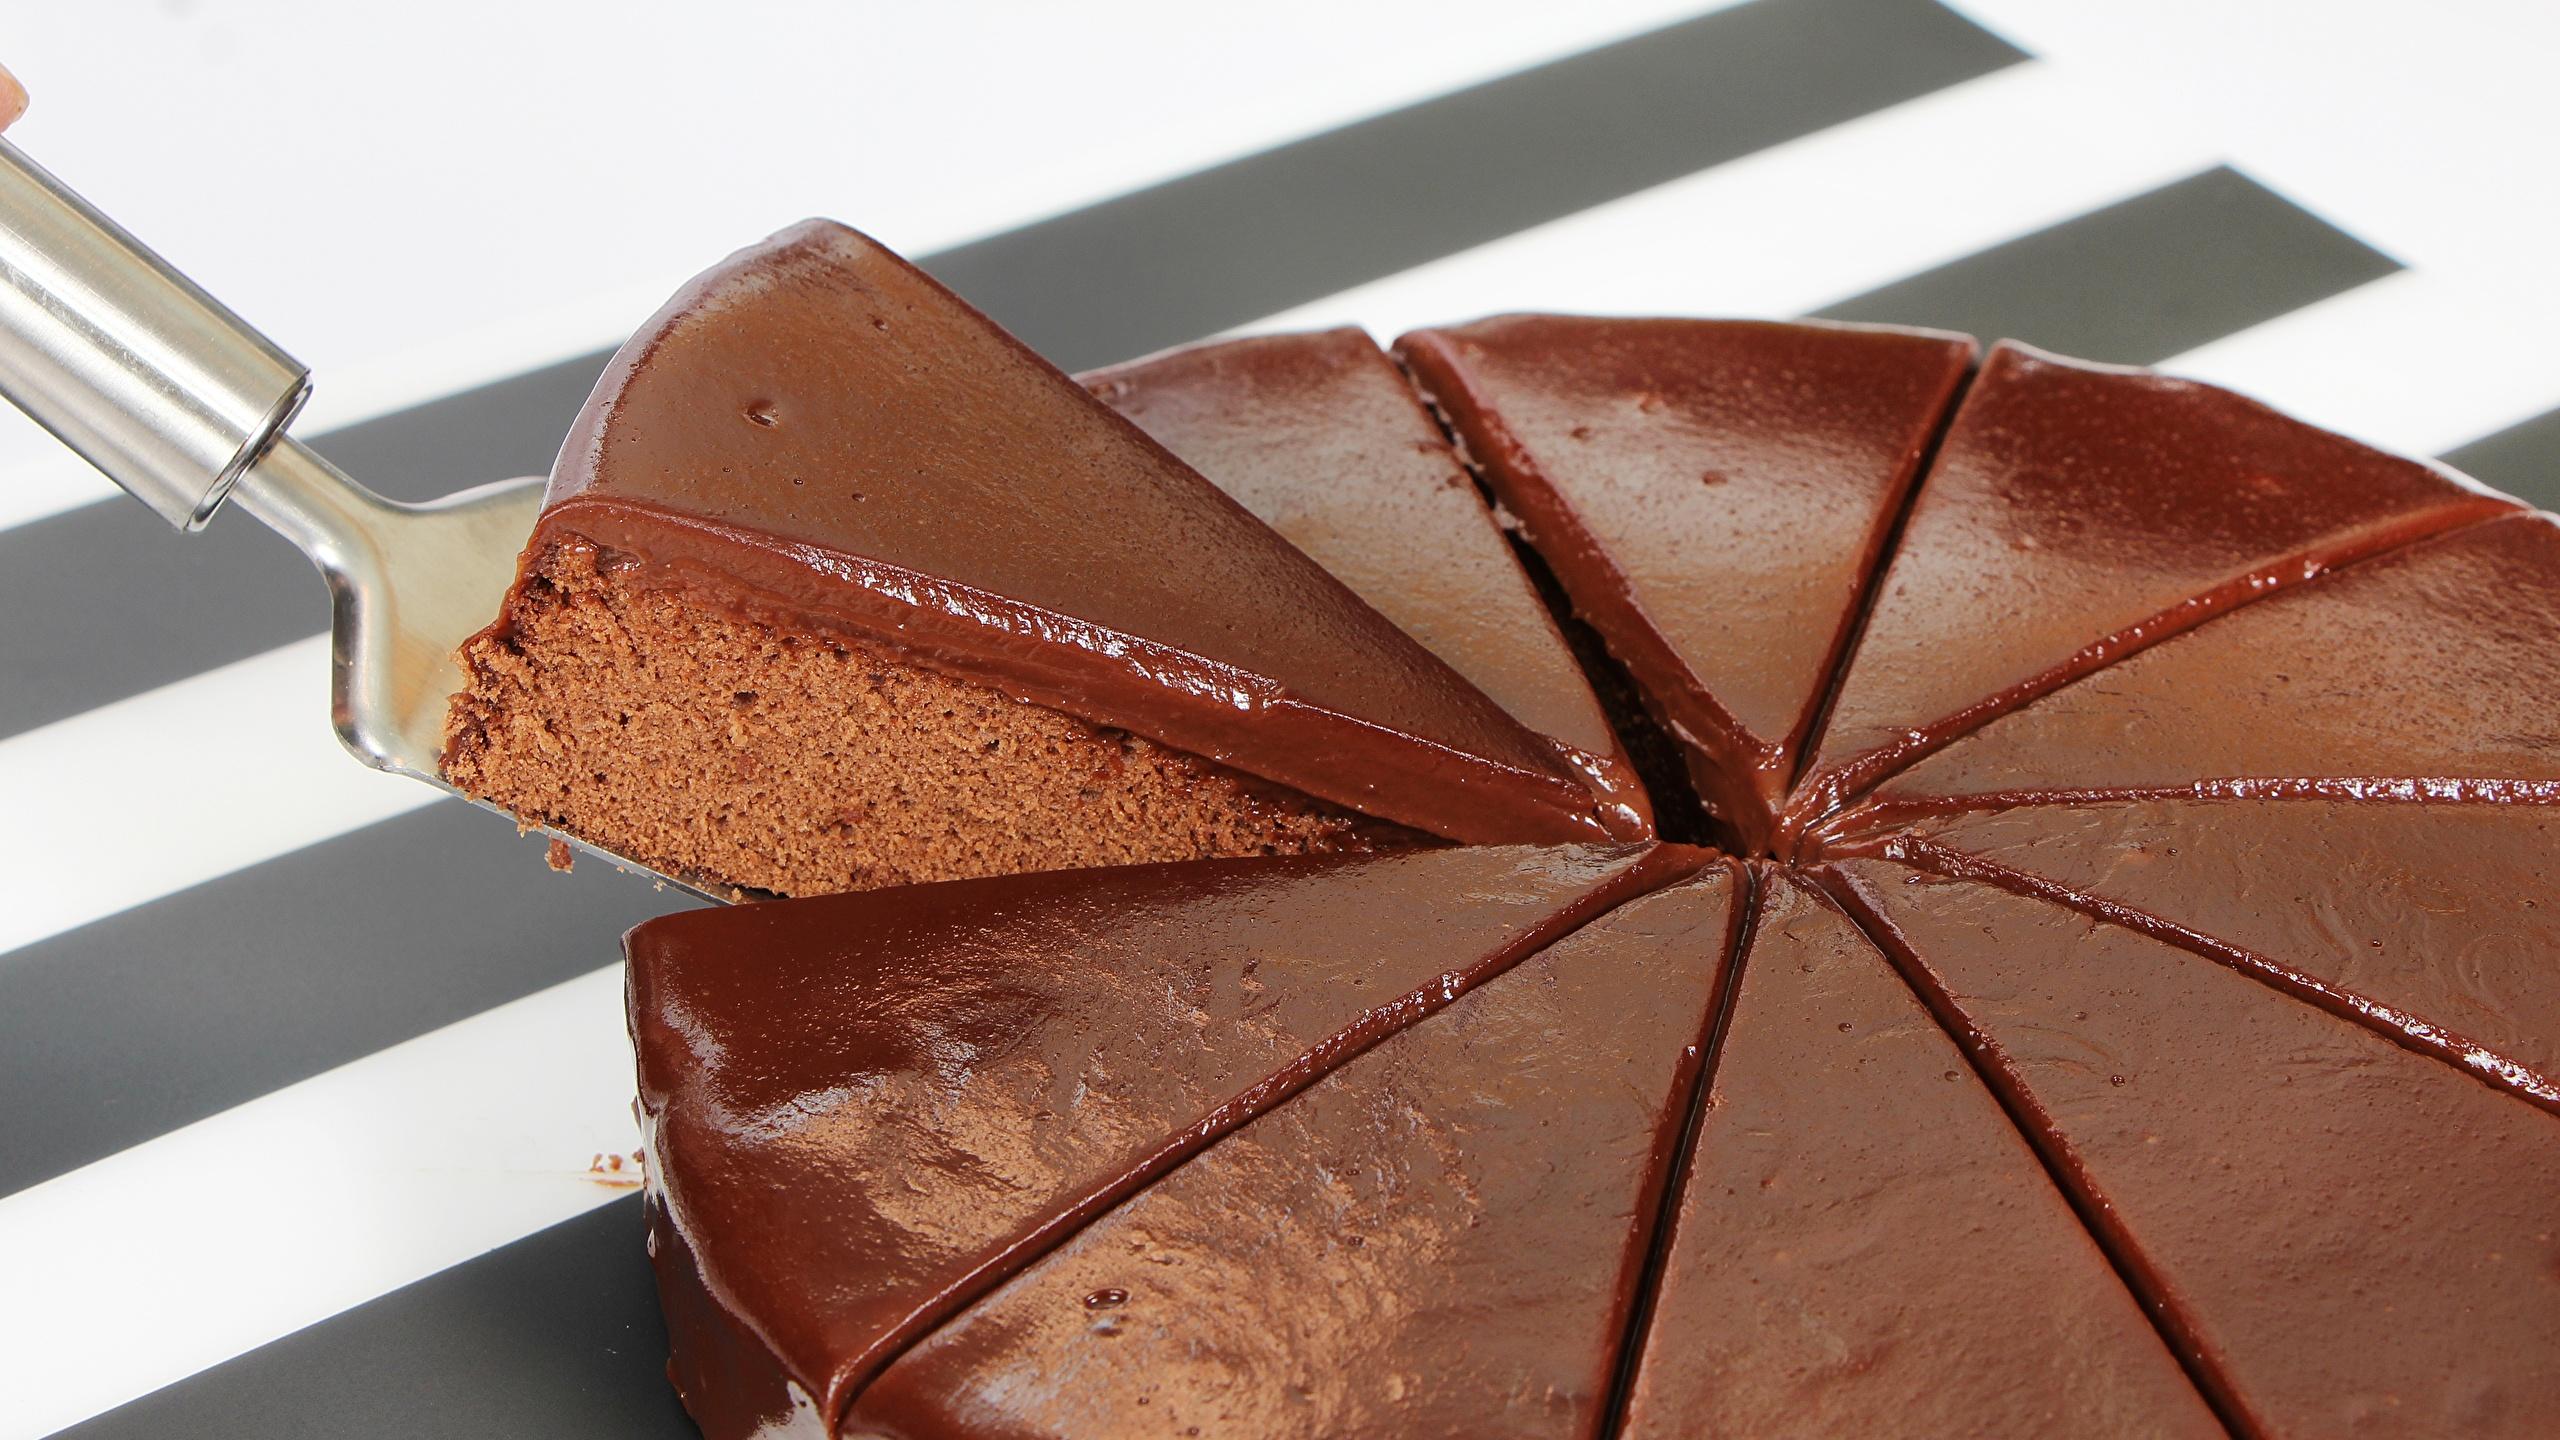 Фотографии Шоколад Торты часть Еда 2560x1440 Кусок Пища Продукты питания